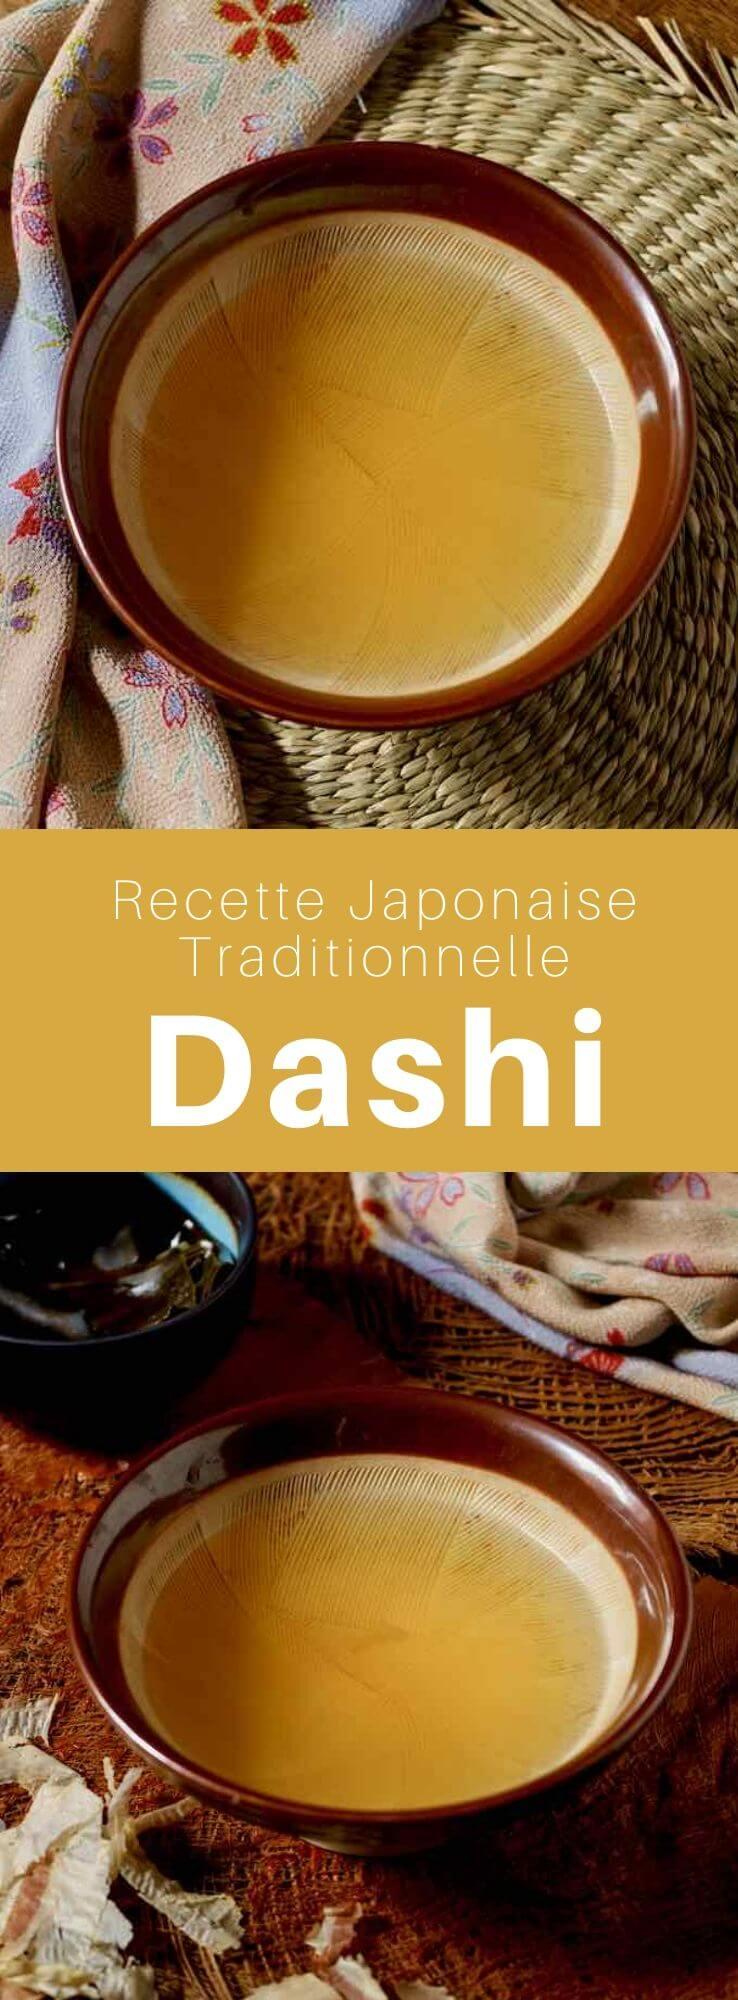 Le dashi (出汁) est un bouillon d'algues konbu et de katsuobushi (bonite séchée) qui constitue la base de la cuisine japonaise. #Japon #CuisineJaponaise #RecetteJaponaise #CuisineDuMonde #196flavors